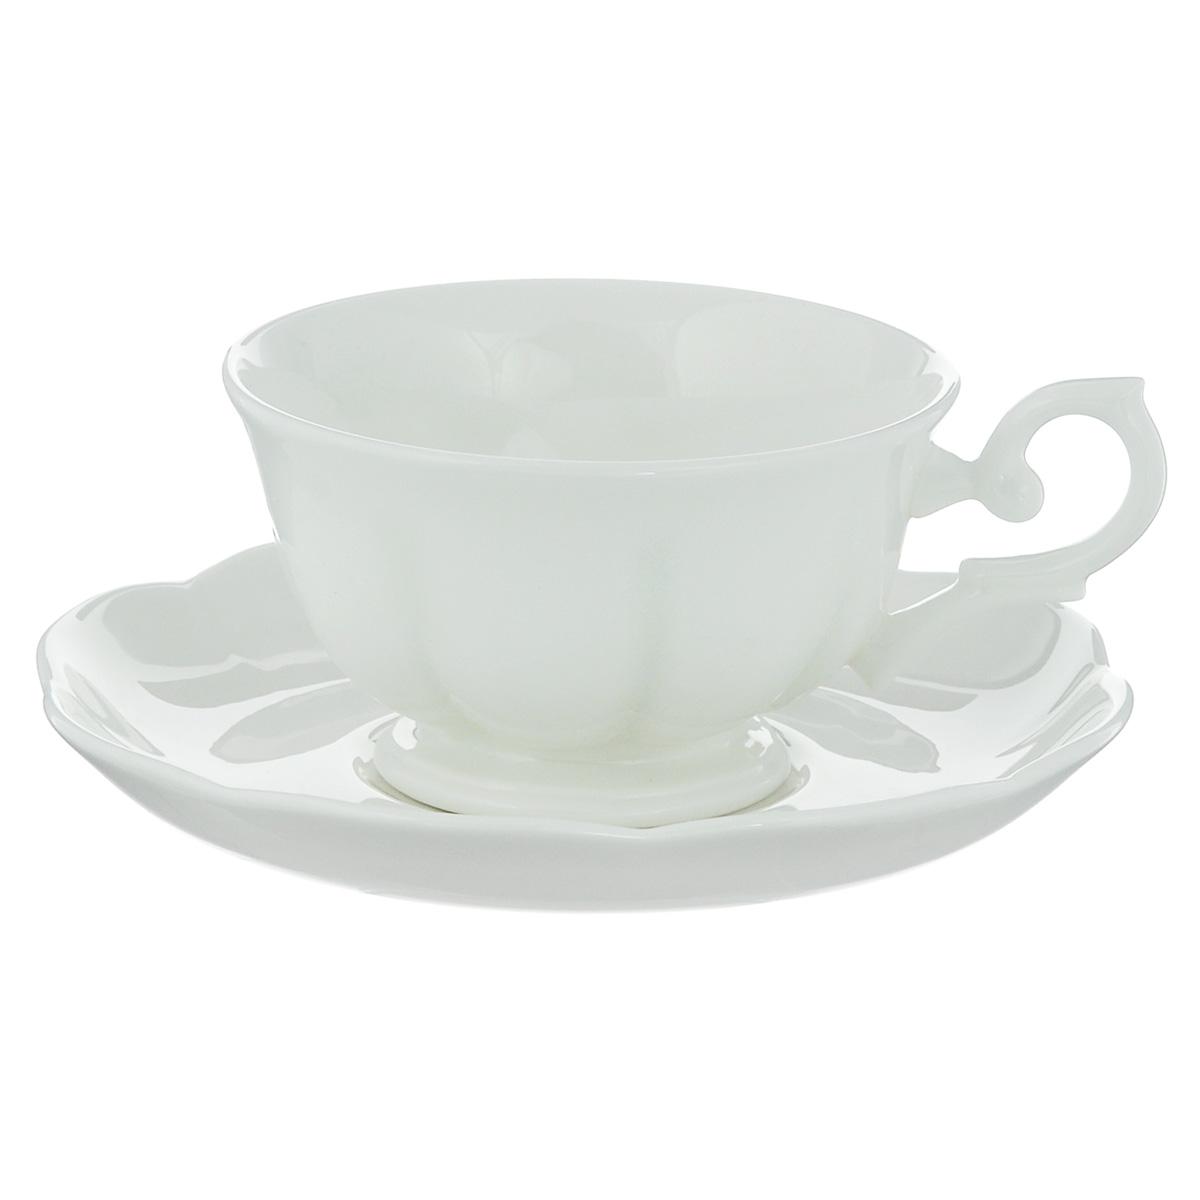 """Набор Royal Bone China """"White"""" состоит из чашки и блюдца, изготовленных из костяного фарфора с содержанием костяной муки (45%). Основным достоинством изделий из костяного фарфора является абсолютно гладкая глазуровка. Такие изделия сочетают в себе изысканный вид с прочностью и долговечностью. Кружка оснащена изящной ручкой и декорирована вертикальными бороздами, блюдце имеет волнообразные края. Изделия Royal Bone Chine по праву считаются элитными. Благодаря такому набору пить напитки будет еще вкуснее.Объем чашки: 180 мл.Диаметр блюдца: 15 см."""